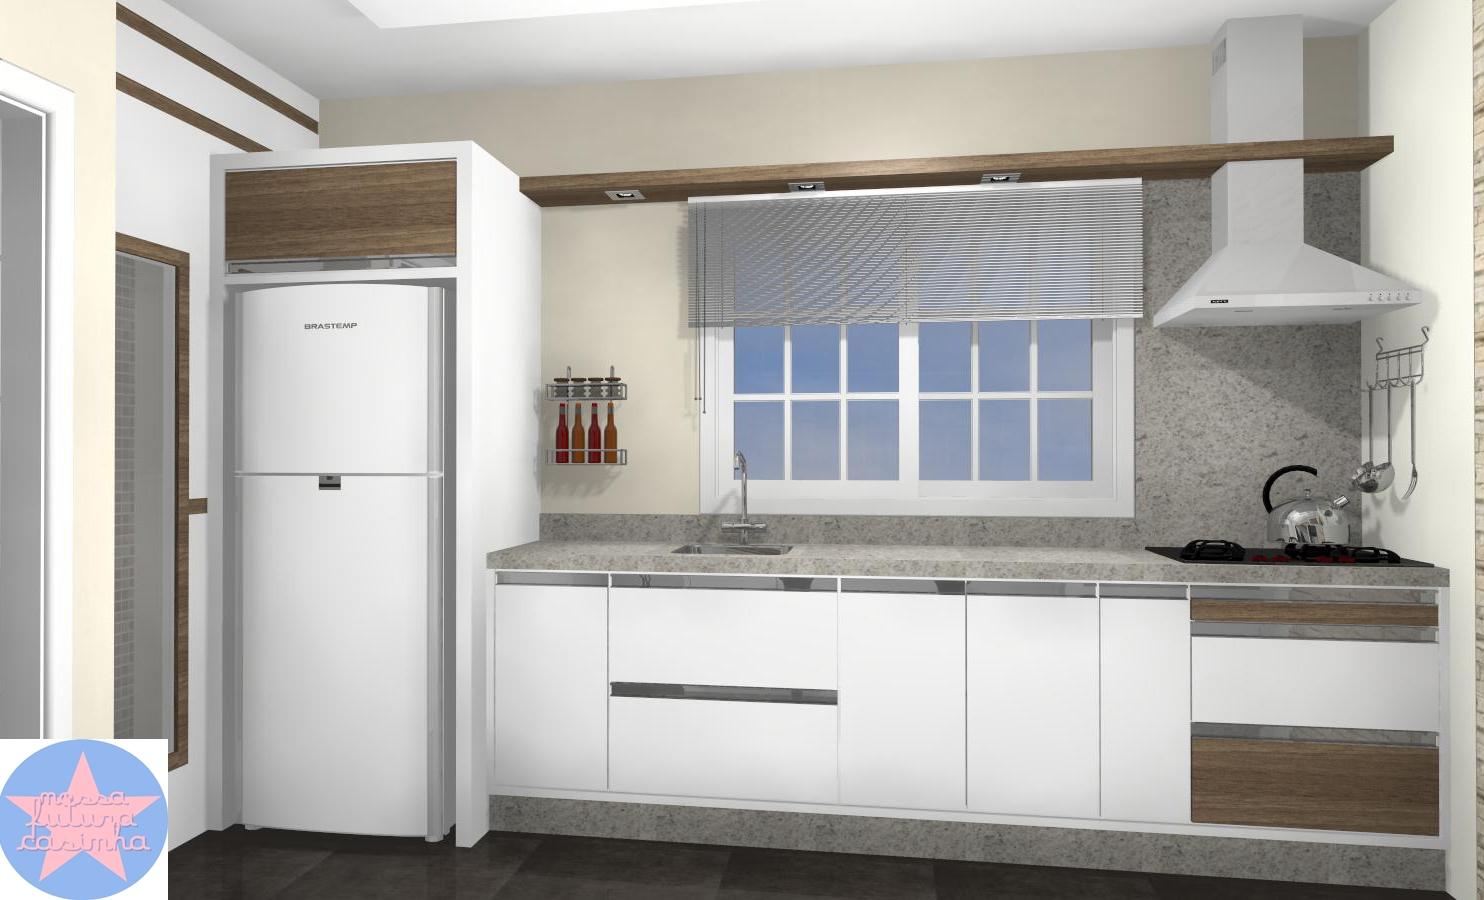 #2A58A1 Lado B Opção 1 1484x900 px Projetos Da Instalação Da Cozinha_401 Imagens